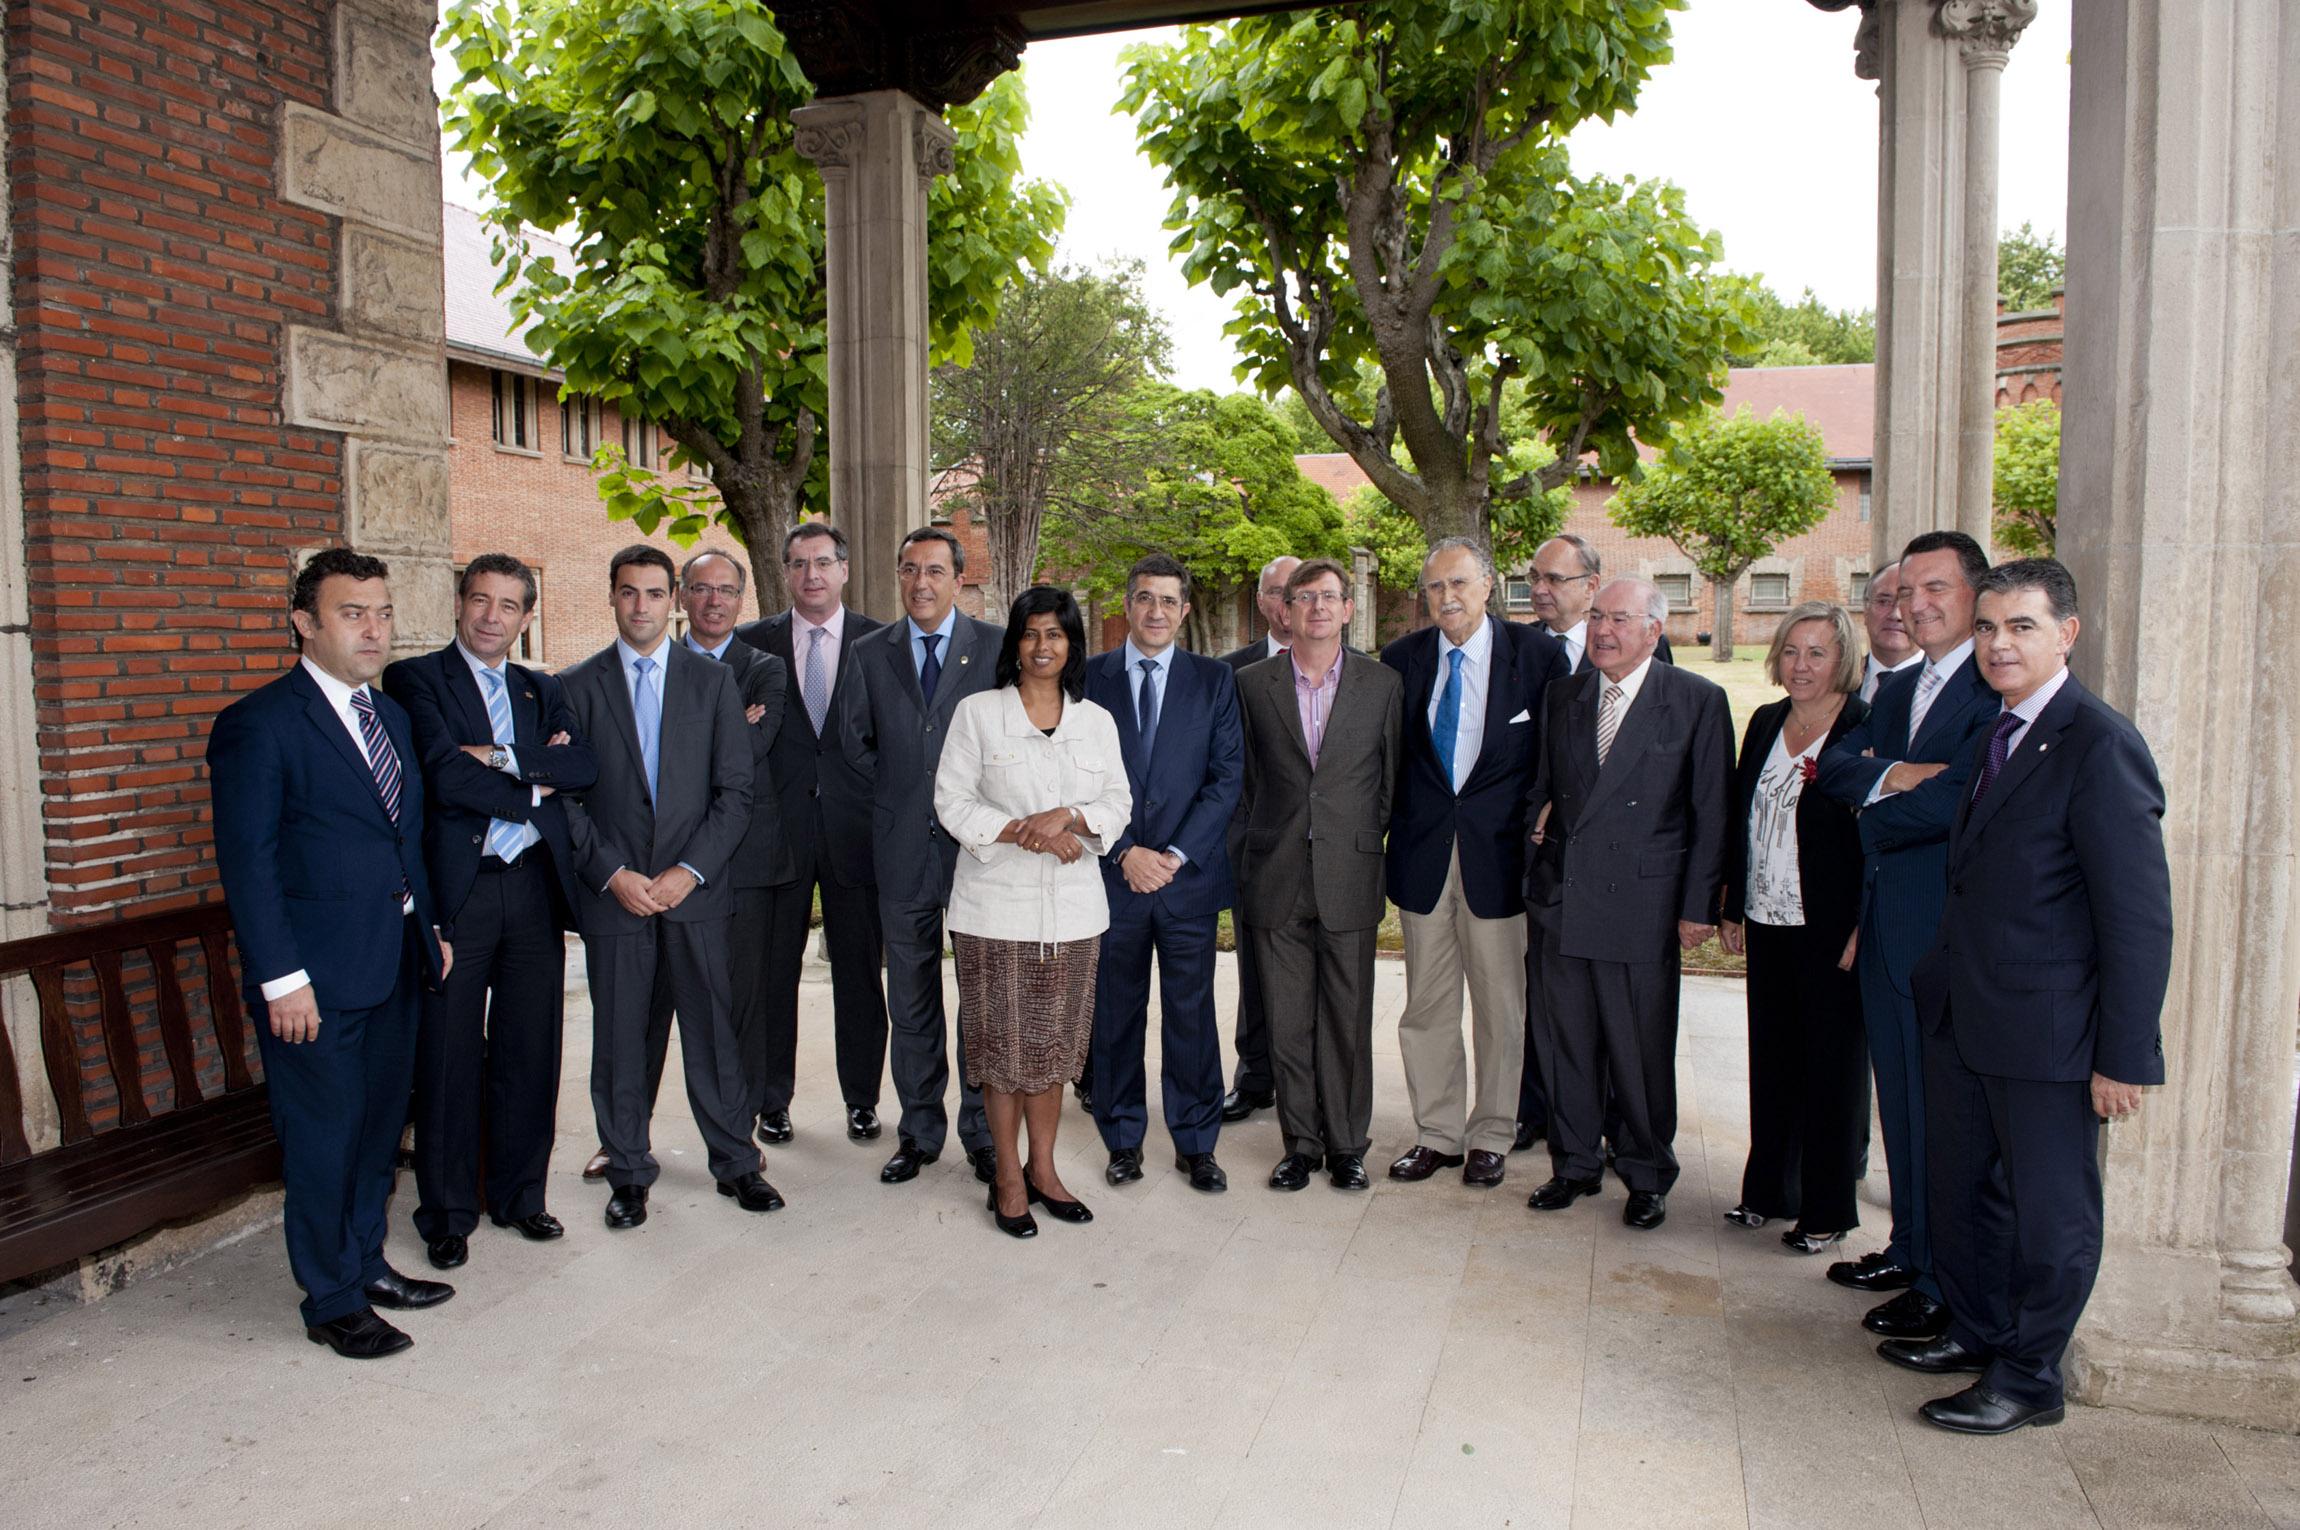 2011_07_19_lehen_artaza_jurado_capitalidad_005.jpg